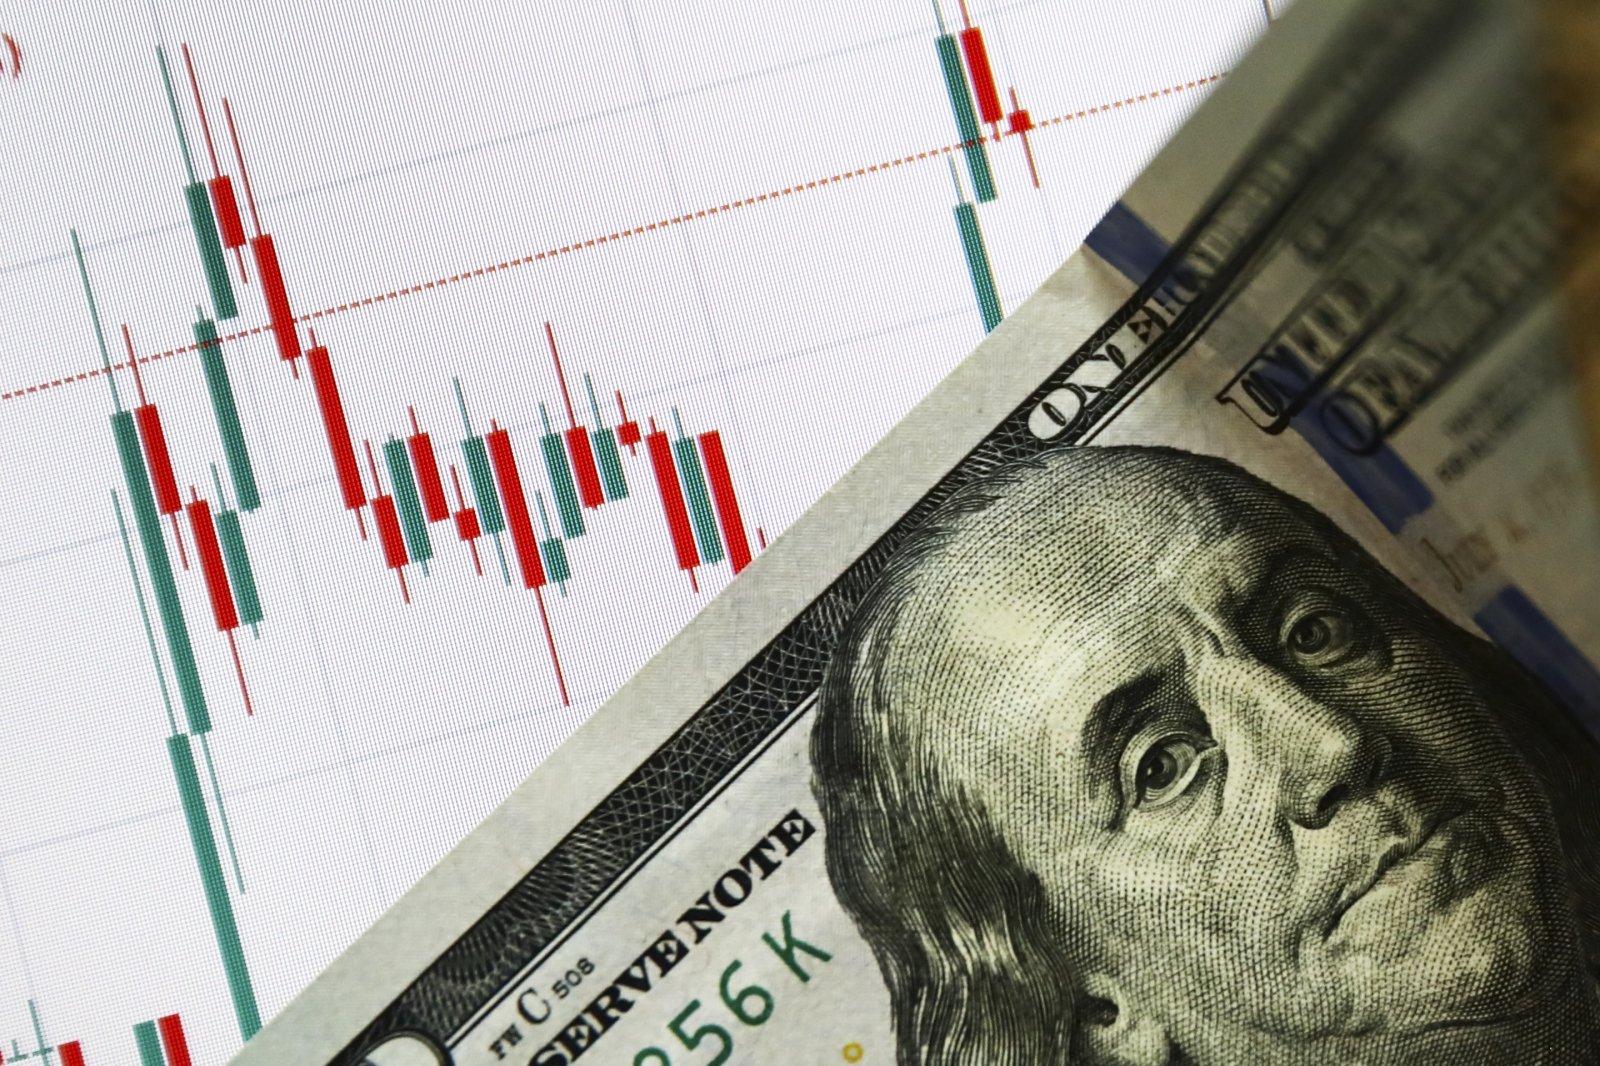 valiutos prekybos realiu laiku geriausia 4 valandų prekybos strategija